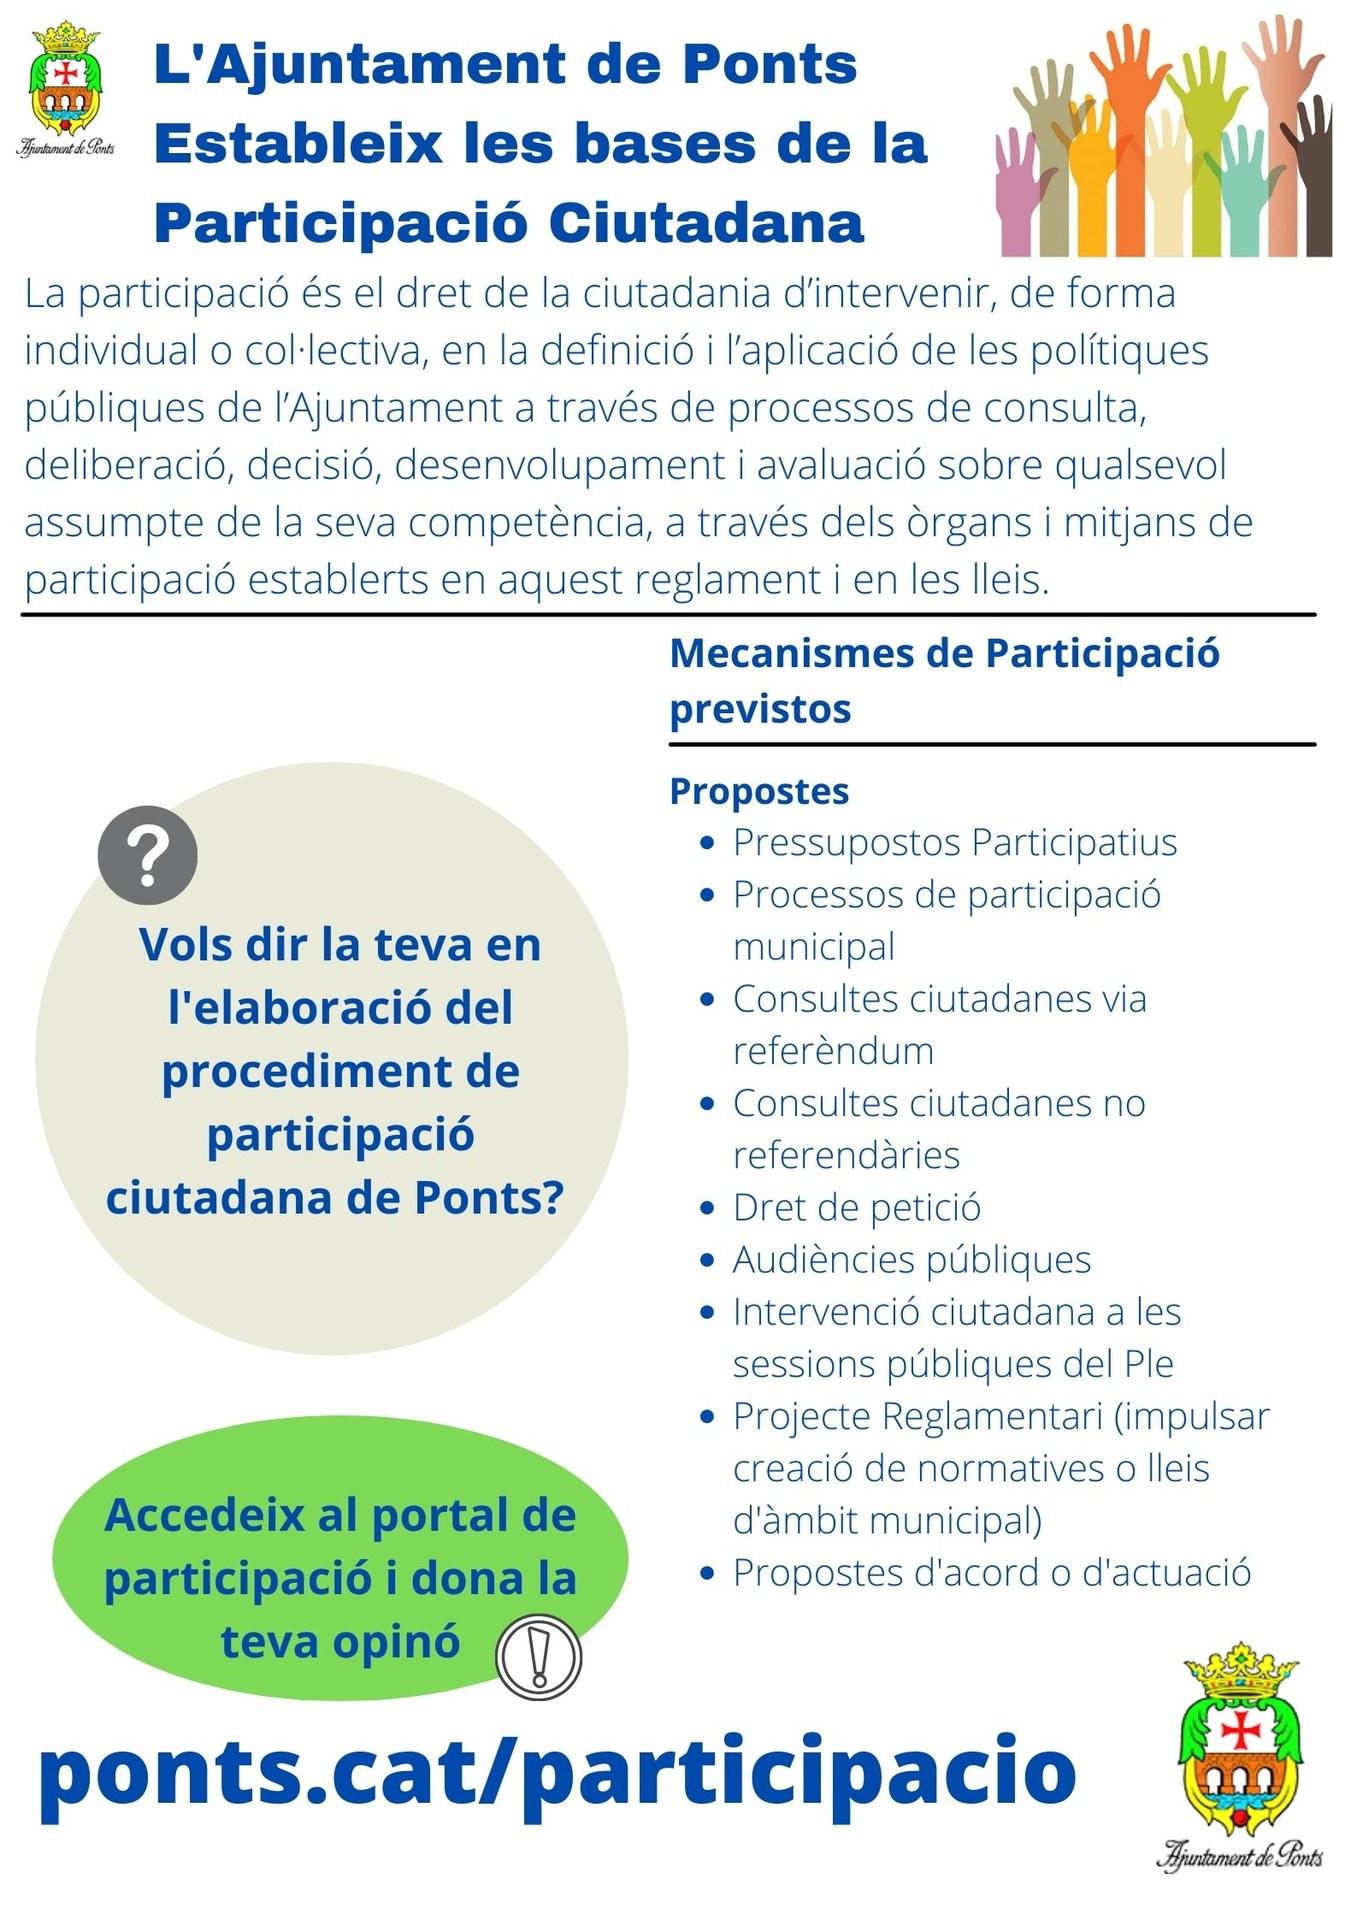 Participació Ciutadana-post.jpg